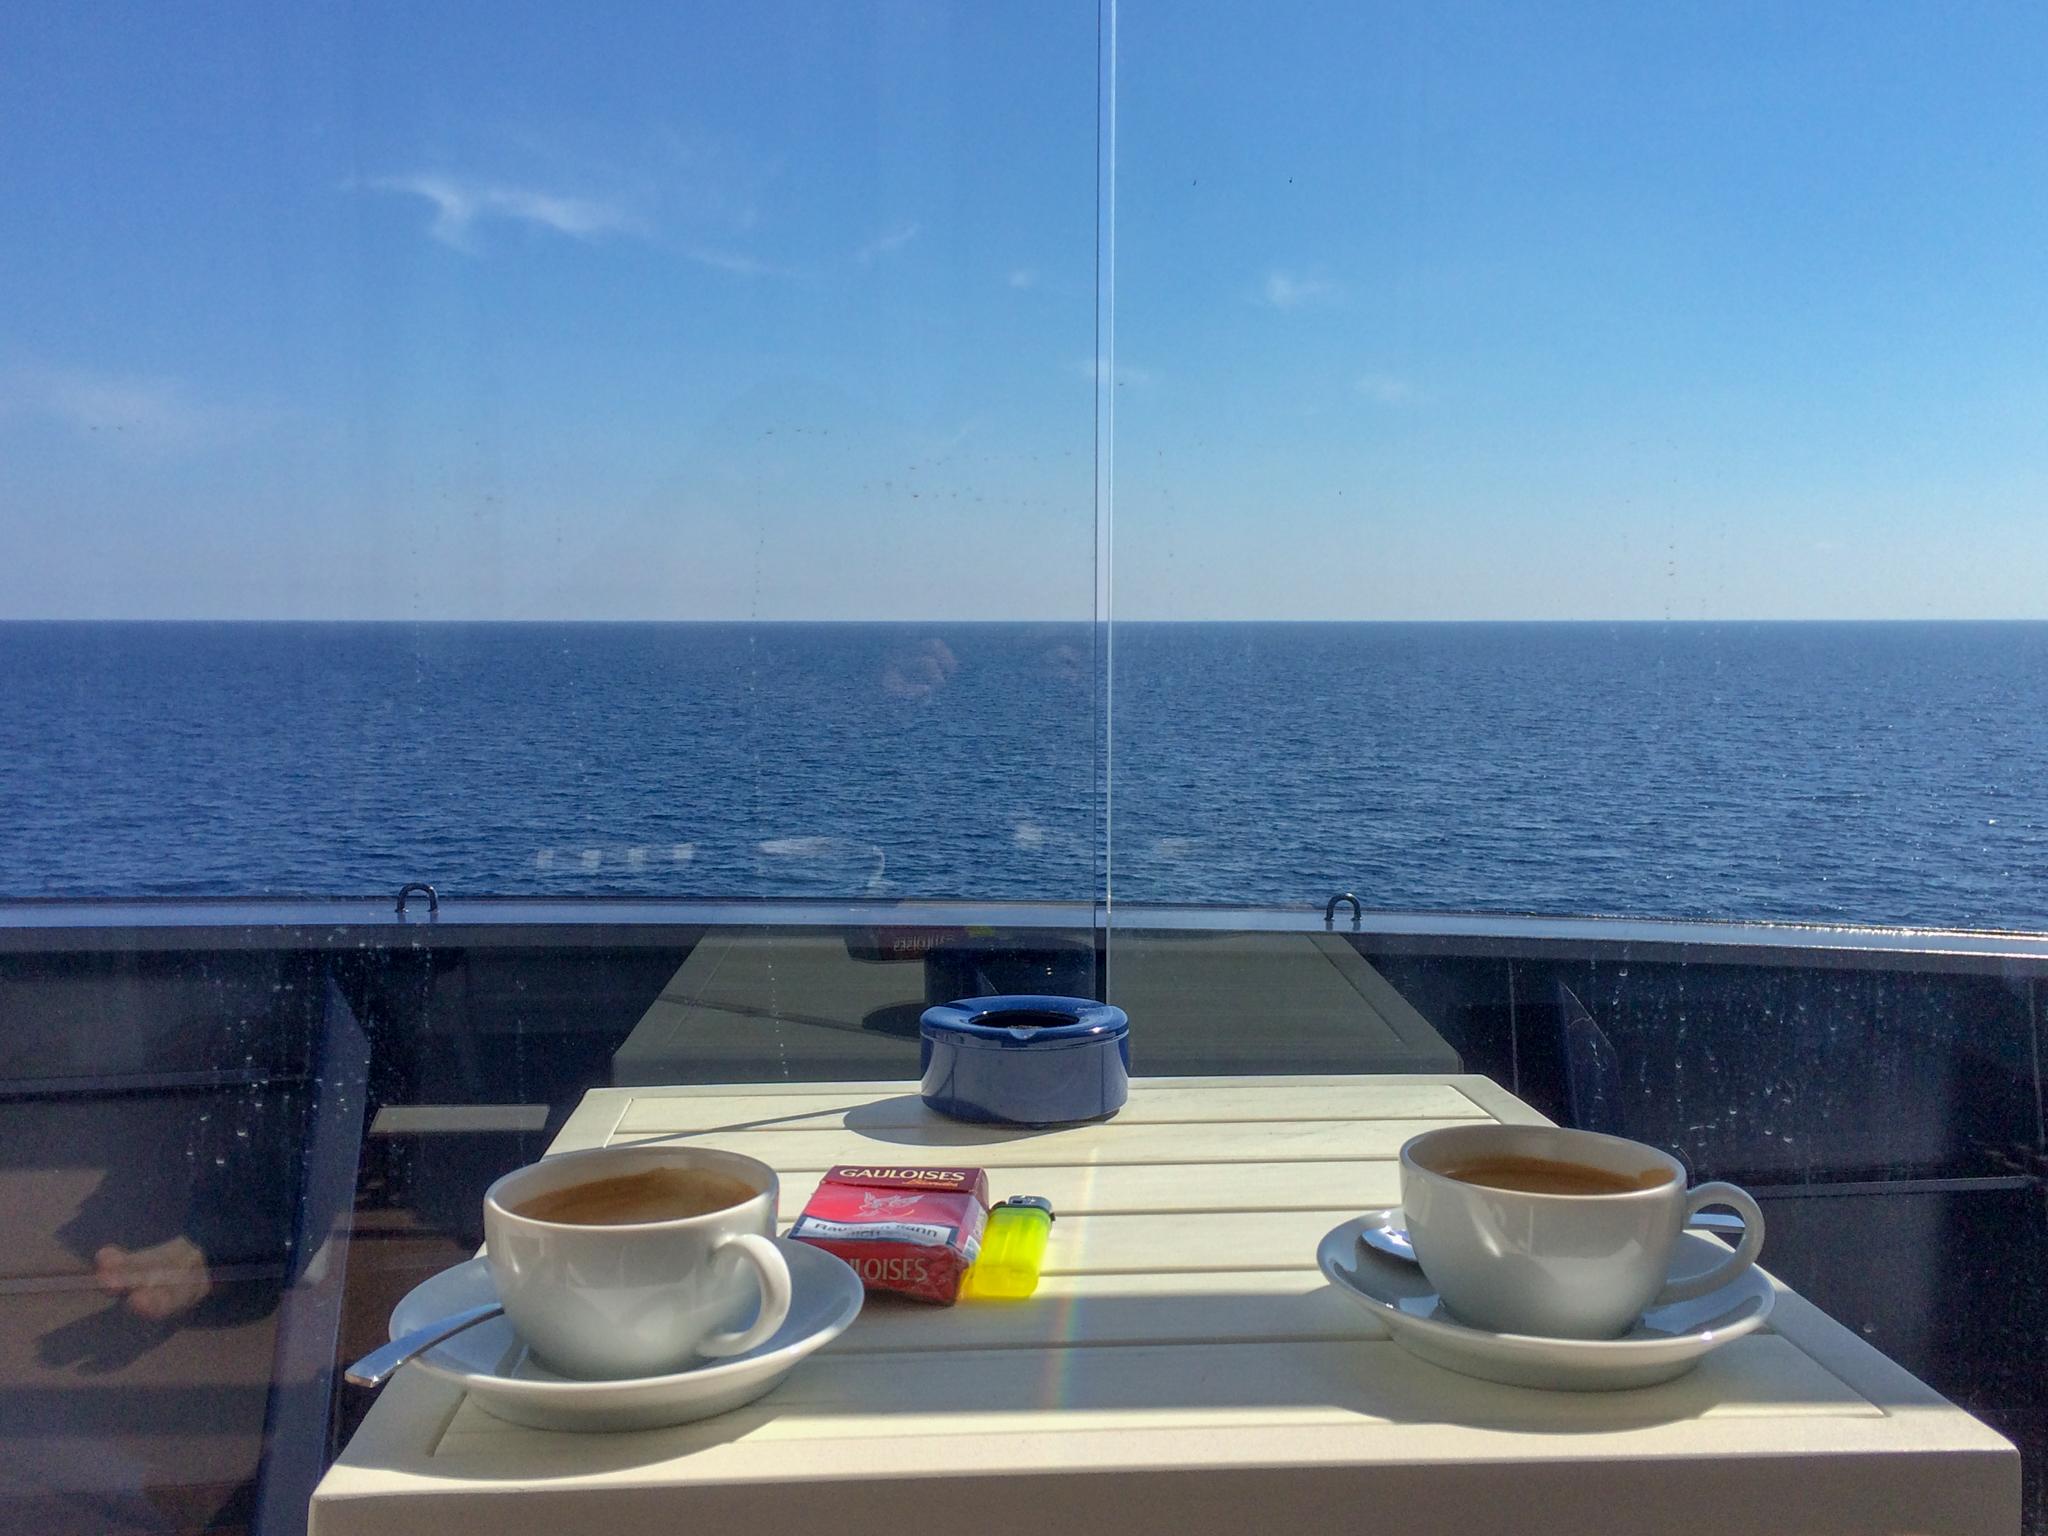 Guten Morgen! So sieht also das Frühstück im Hause Avalost an einem Seetag aus. Entspanntes Ausschlafen und eine schöne Tasse Kaffee auf dem Balkon. Das Leben könnte in dem Moment durchaus schlimmer sein. ;)